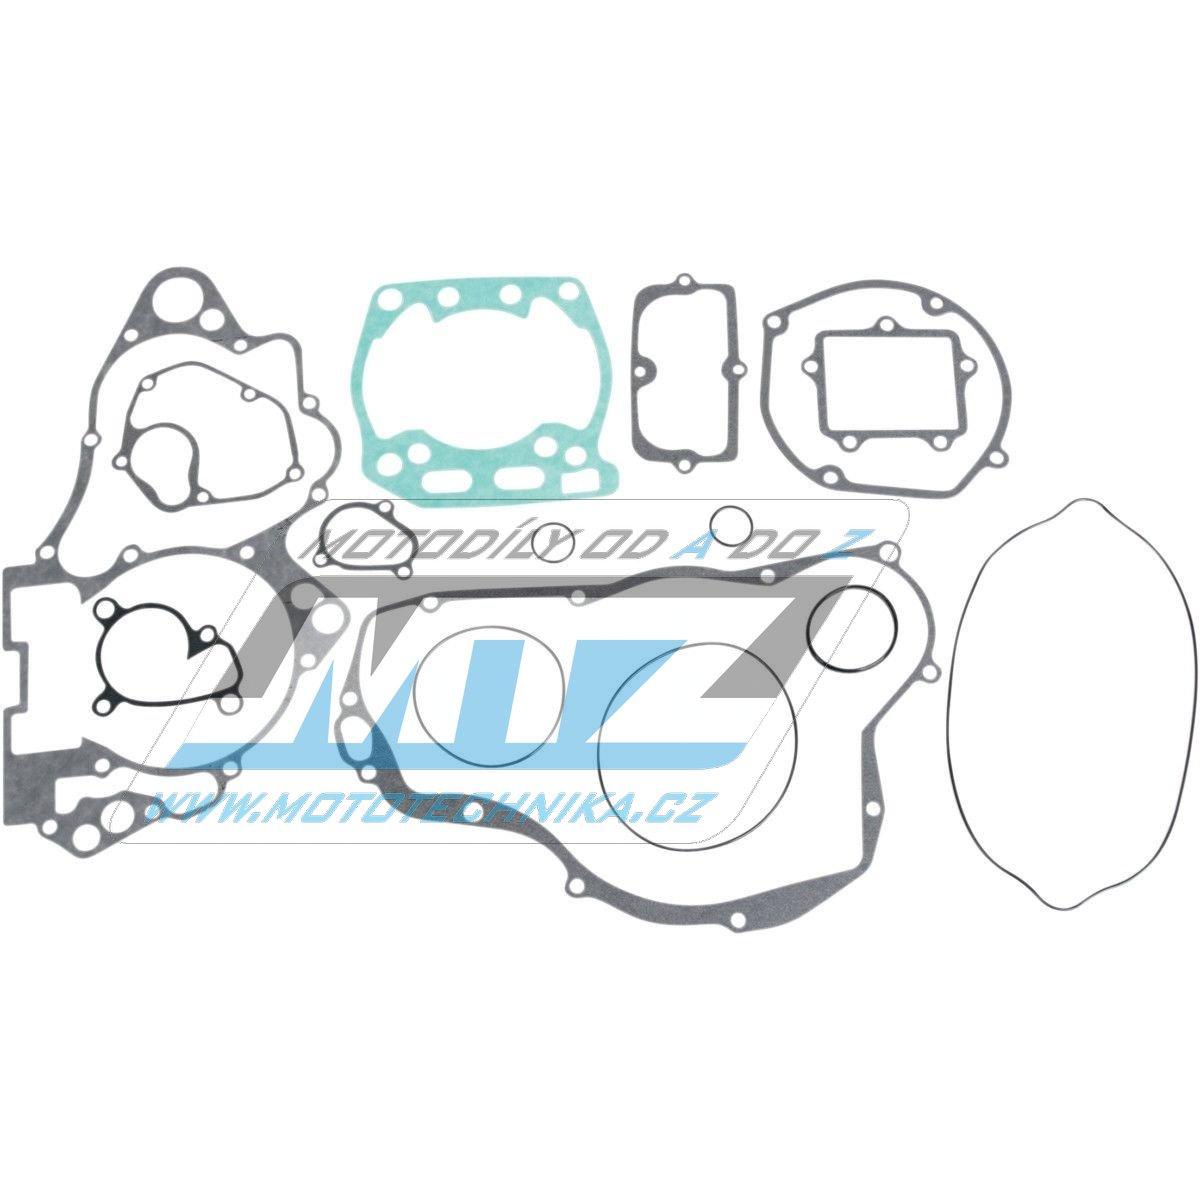 Těsnění kompletní motor Suzuki RM250 / 06-12